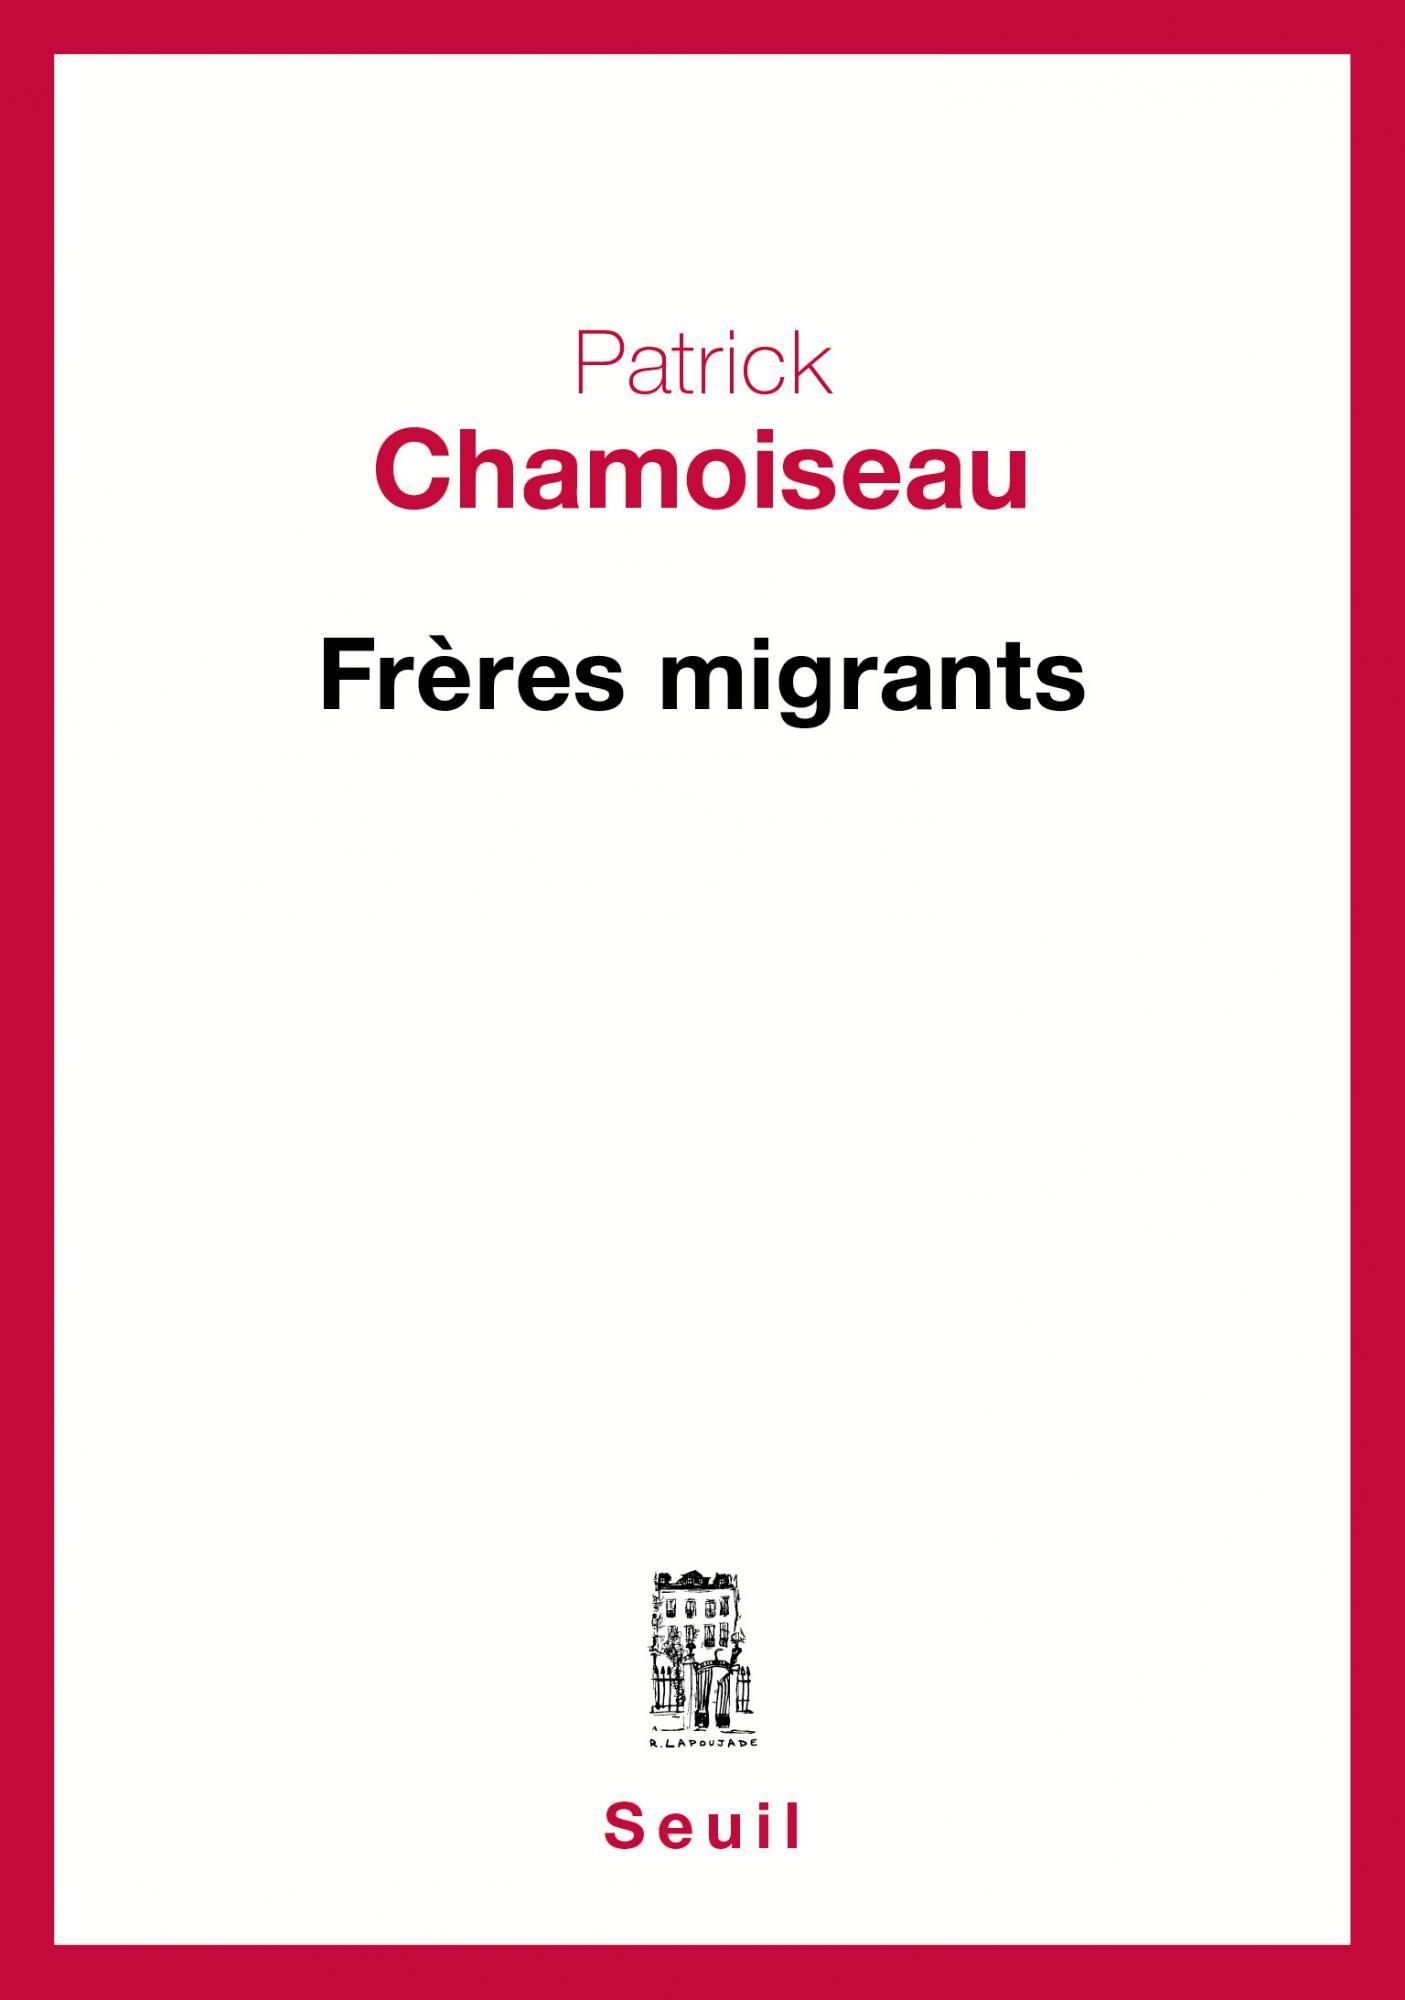 P. Chamoiseau, Frères migrants